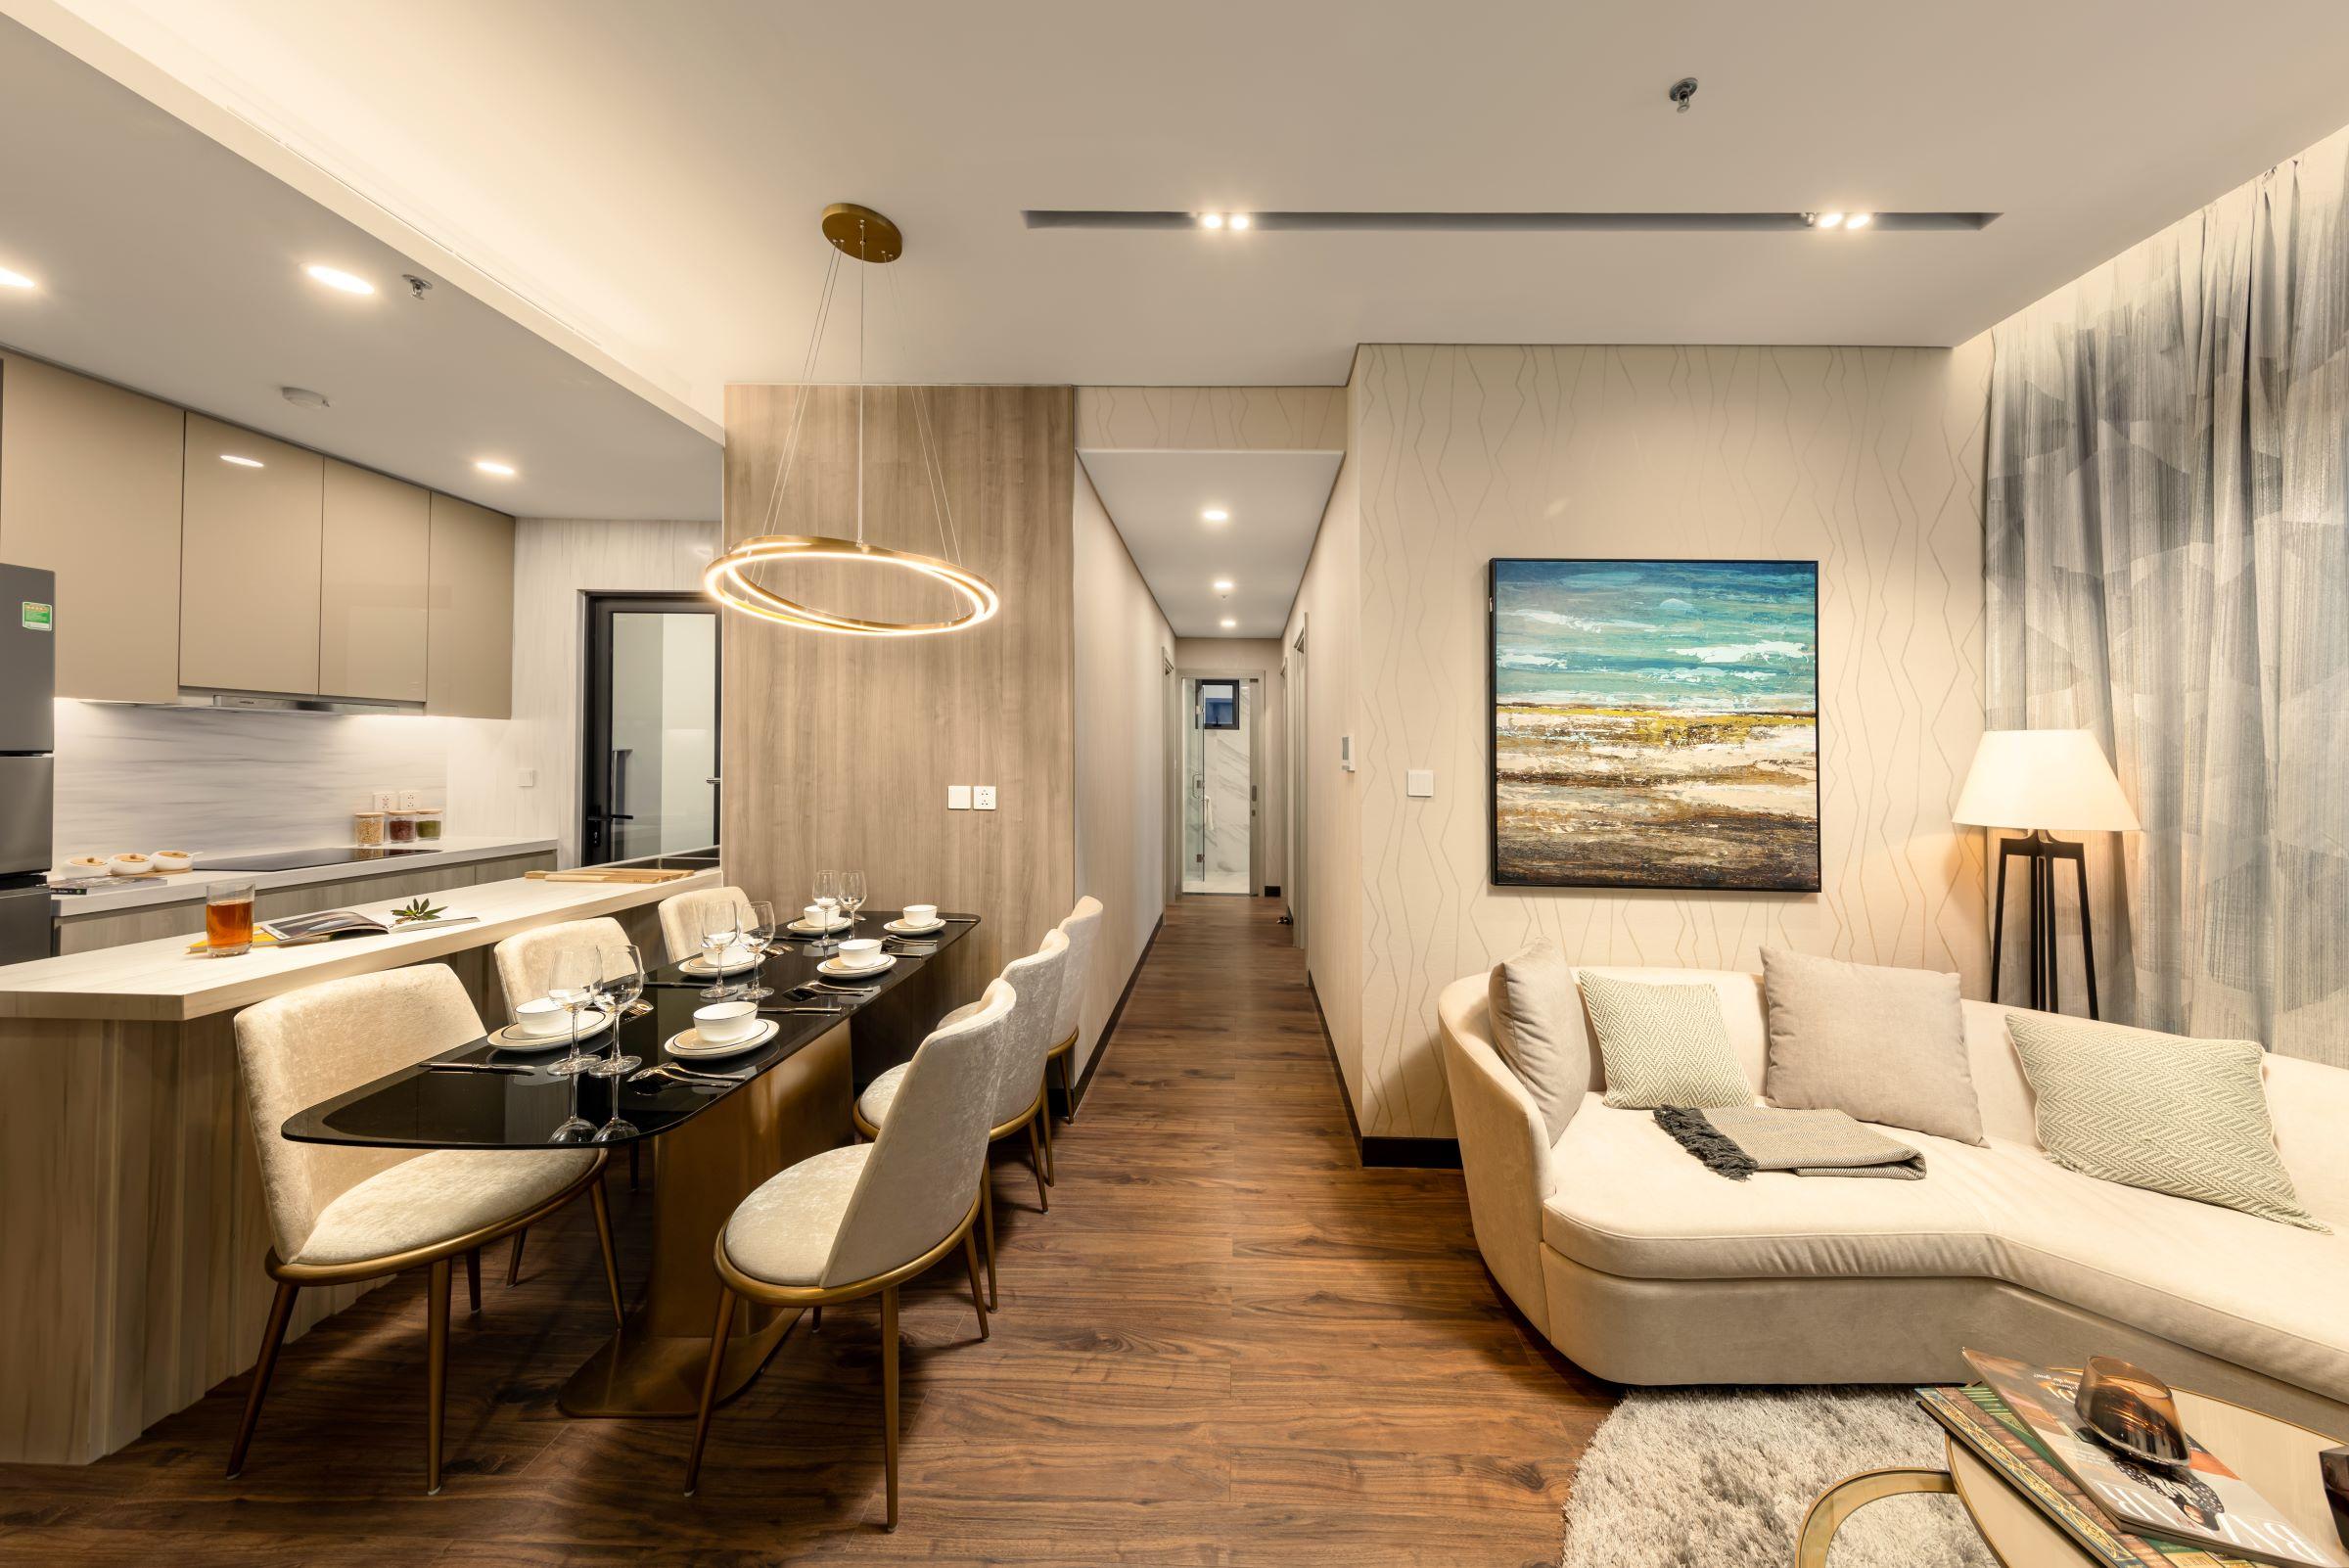 Khu vực phòng khách, phòng bếp dưới bàn tay thiết kế của Studio HBA, đội ngũ thiết kế nội thất hàng đầu thế giới.